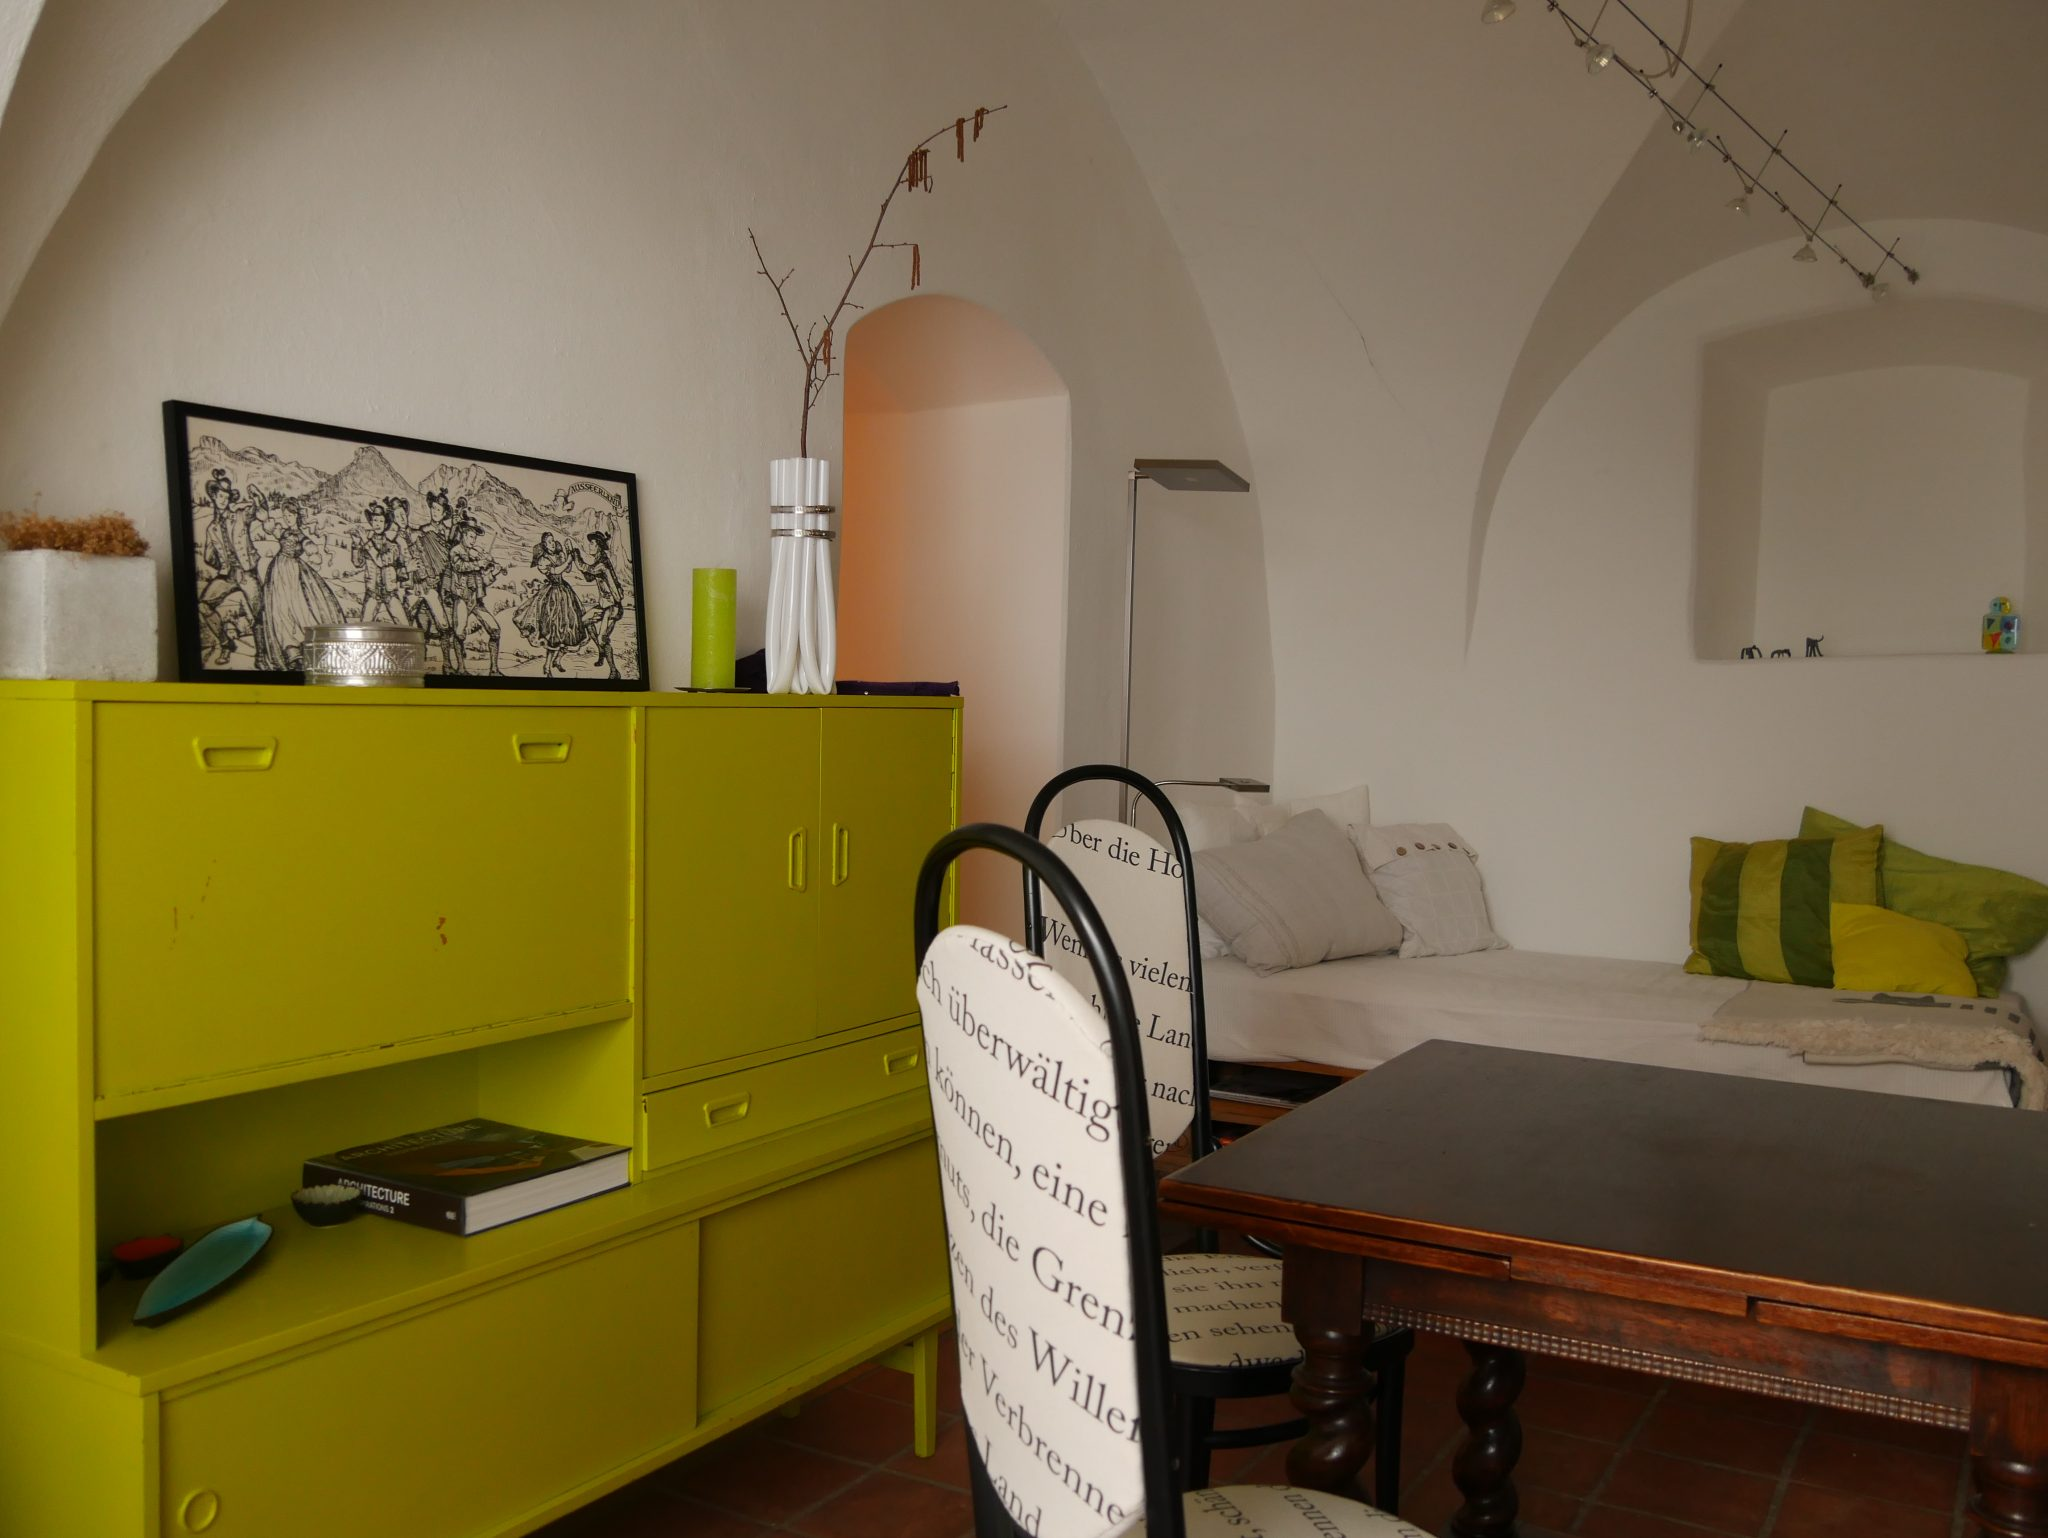 Bad Aussee Besprechungsbereich mit Tisch und zwei Stühlen im Vordergrund und Sitzecke im Hintergrund